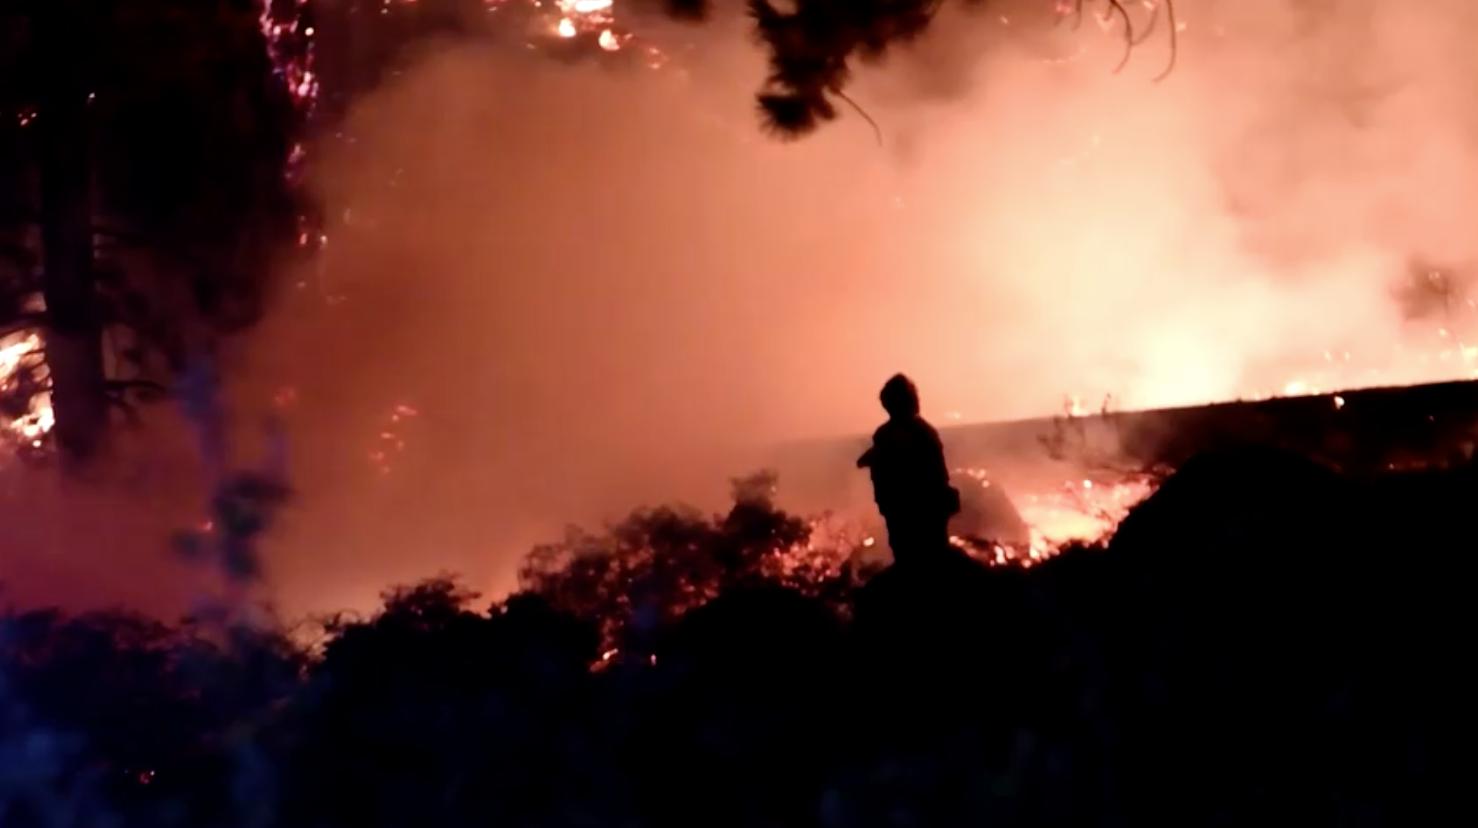 Cháy rừng tại khu vực Lake Tahoe khiến hàng ngàn người phải di tản